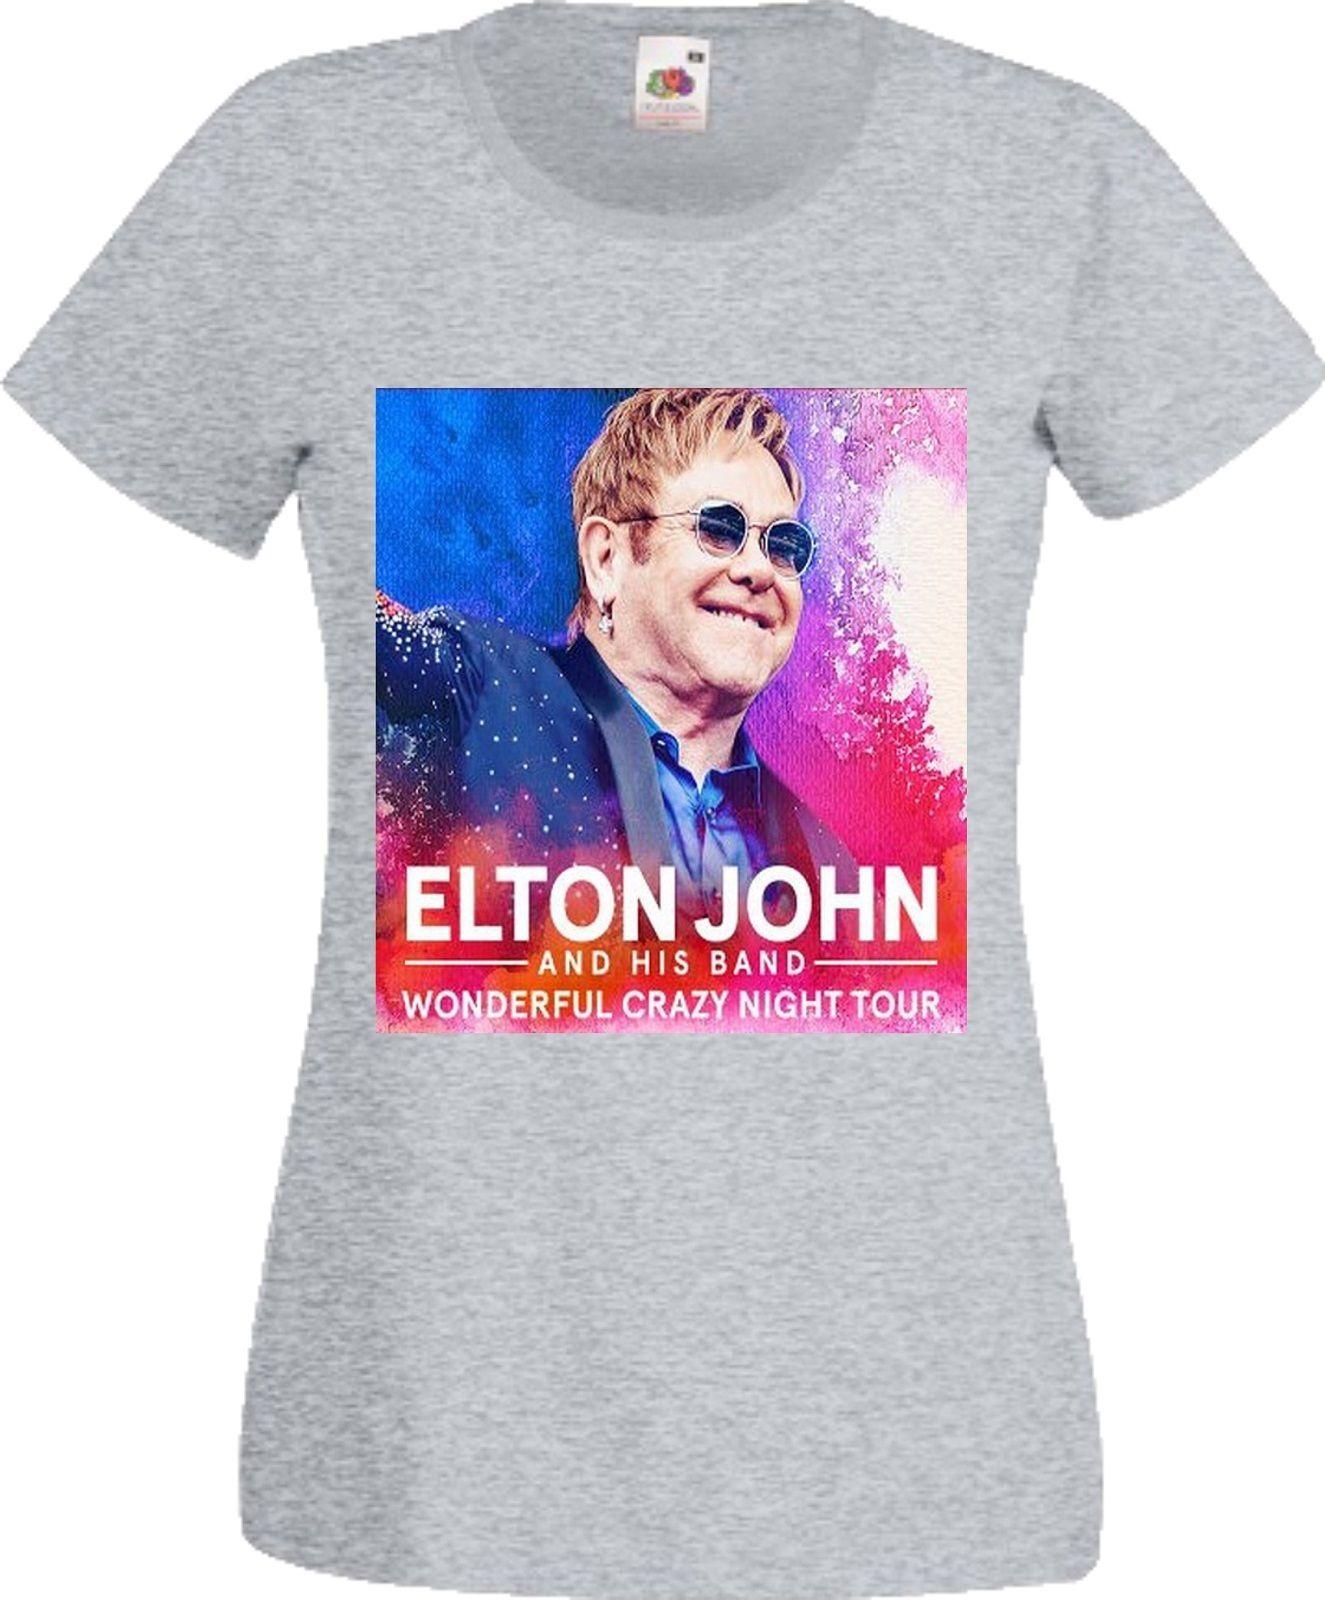 100% летняя хлопковая Футболка Для женщин короткий рукав Best друг Элтон Джон замечательный сумасшедшая ночь Tour 2017 музыка рок-группы поп рубашк...